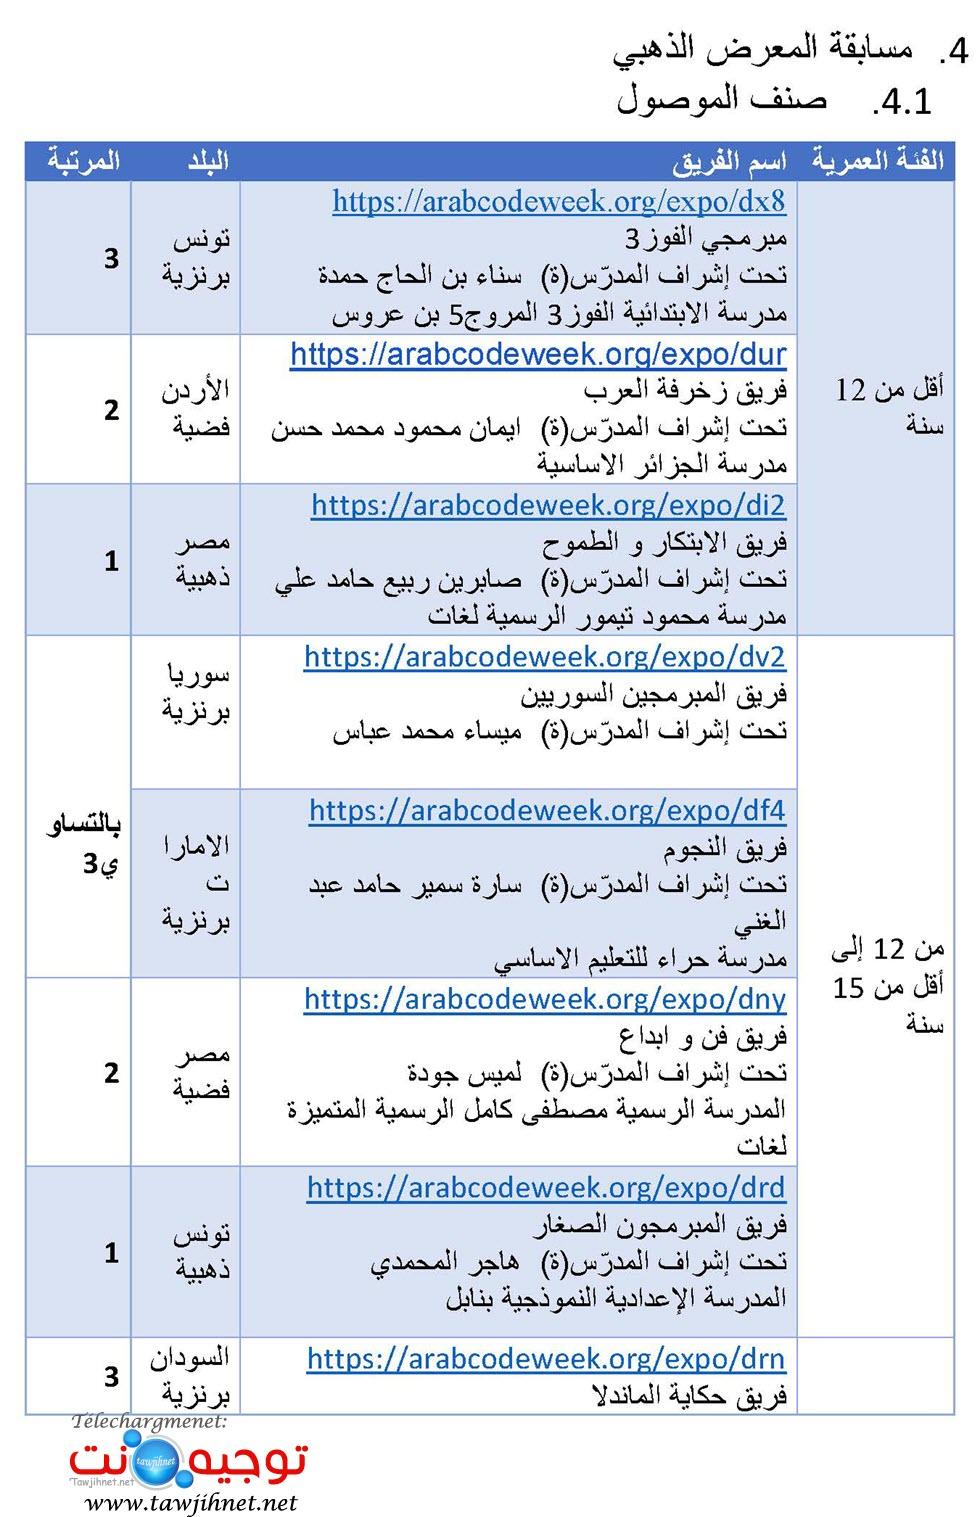 نتائج المسابقة العربية للبرمجة الالسكو_Page_3.jpg